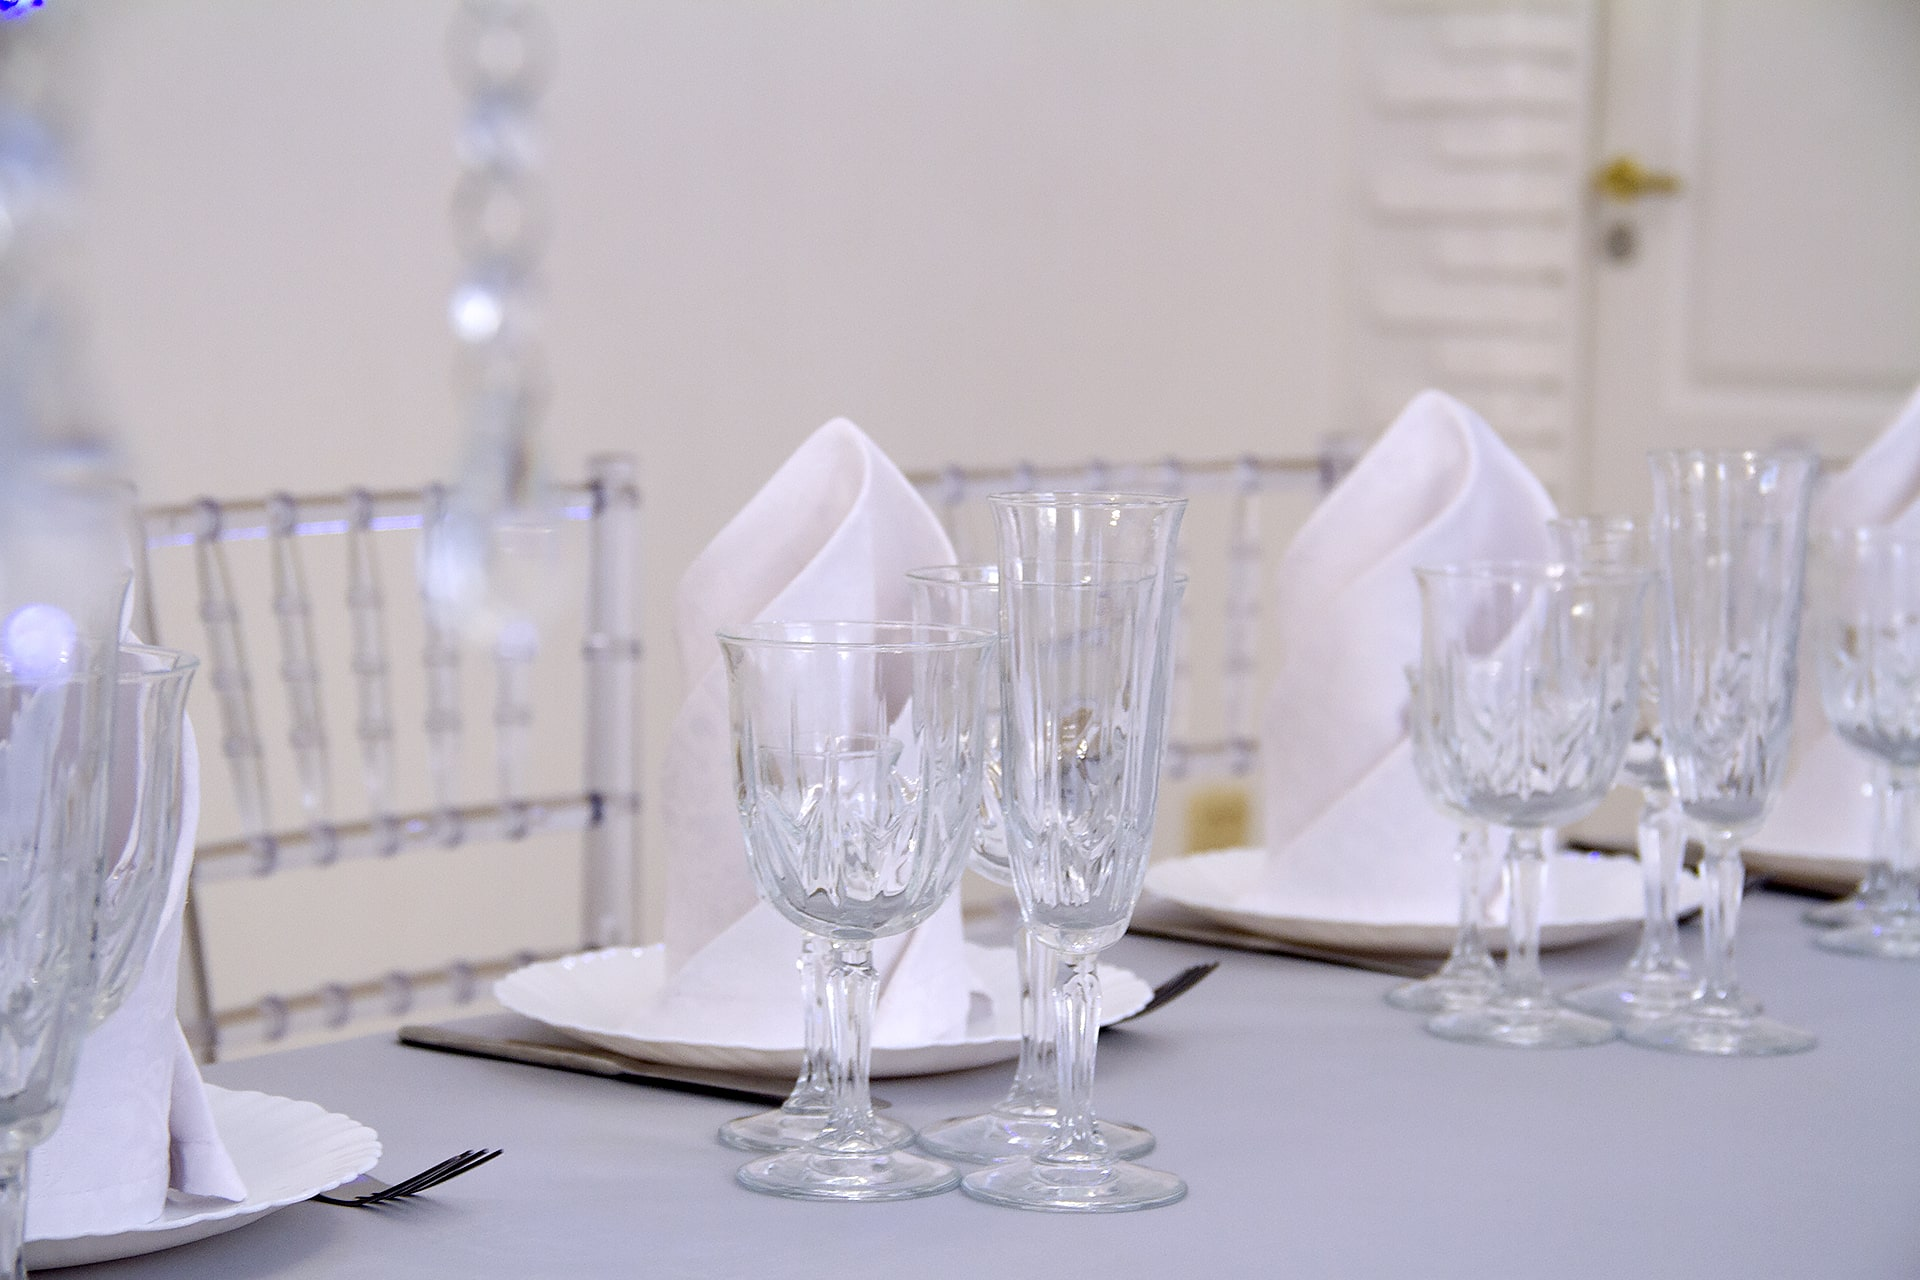 Банкетный зал - ресторан на 10 - 15 человек СПб